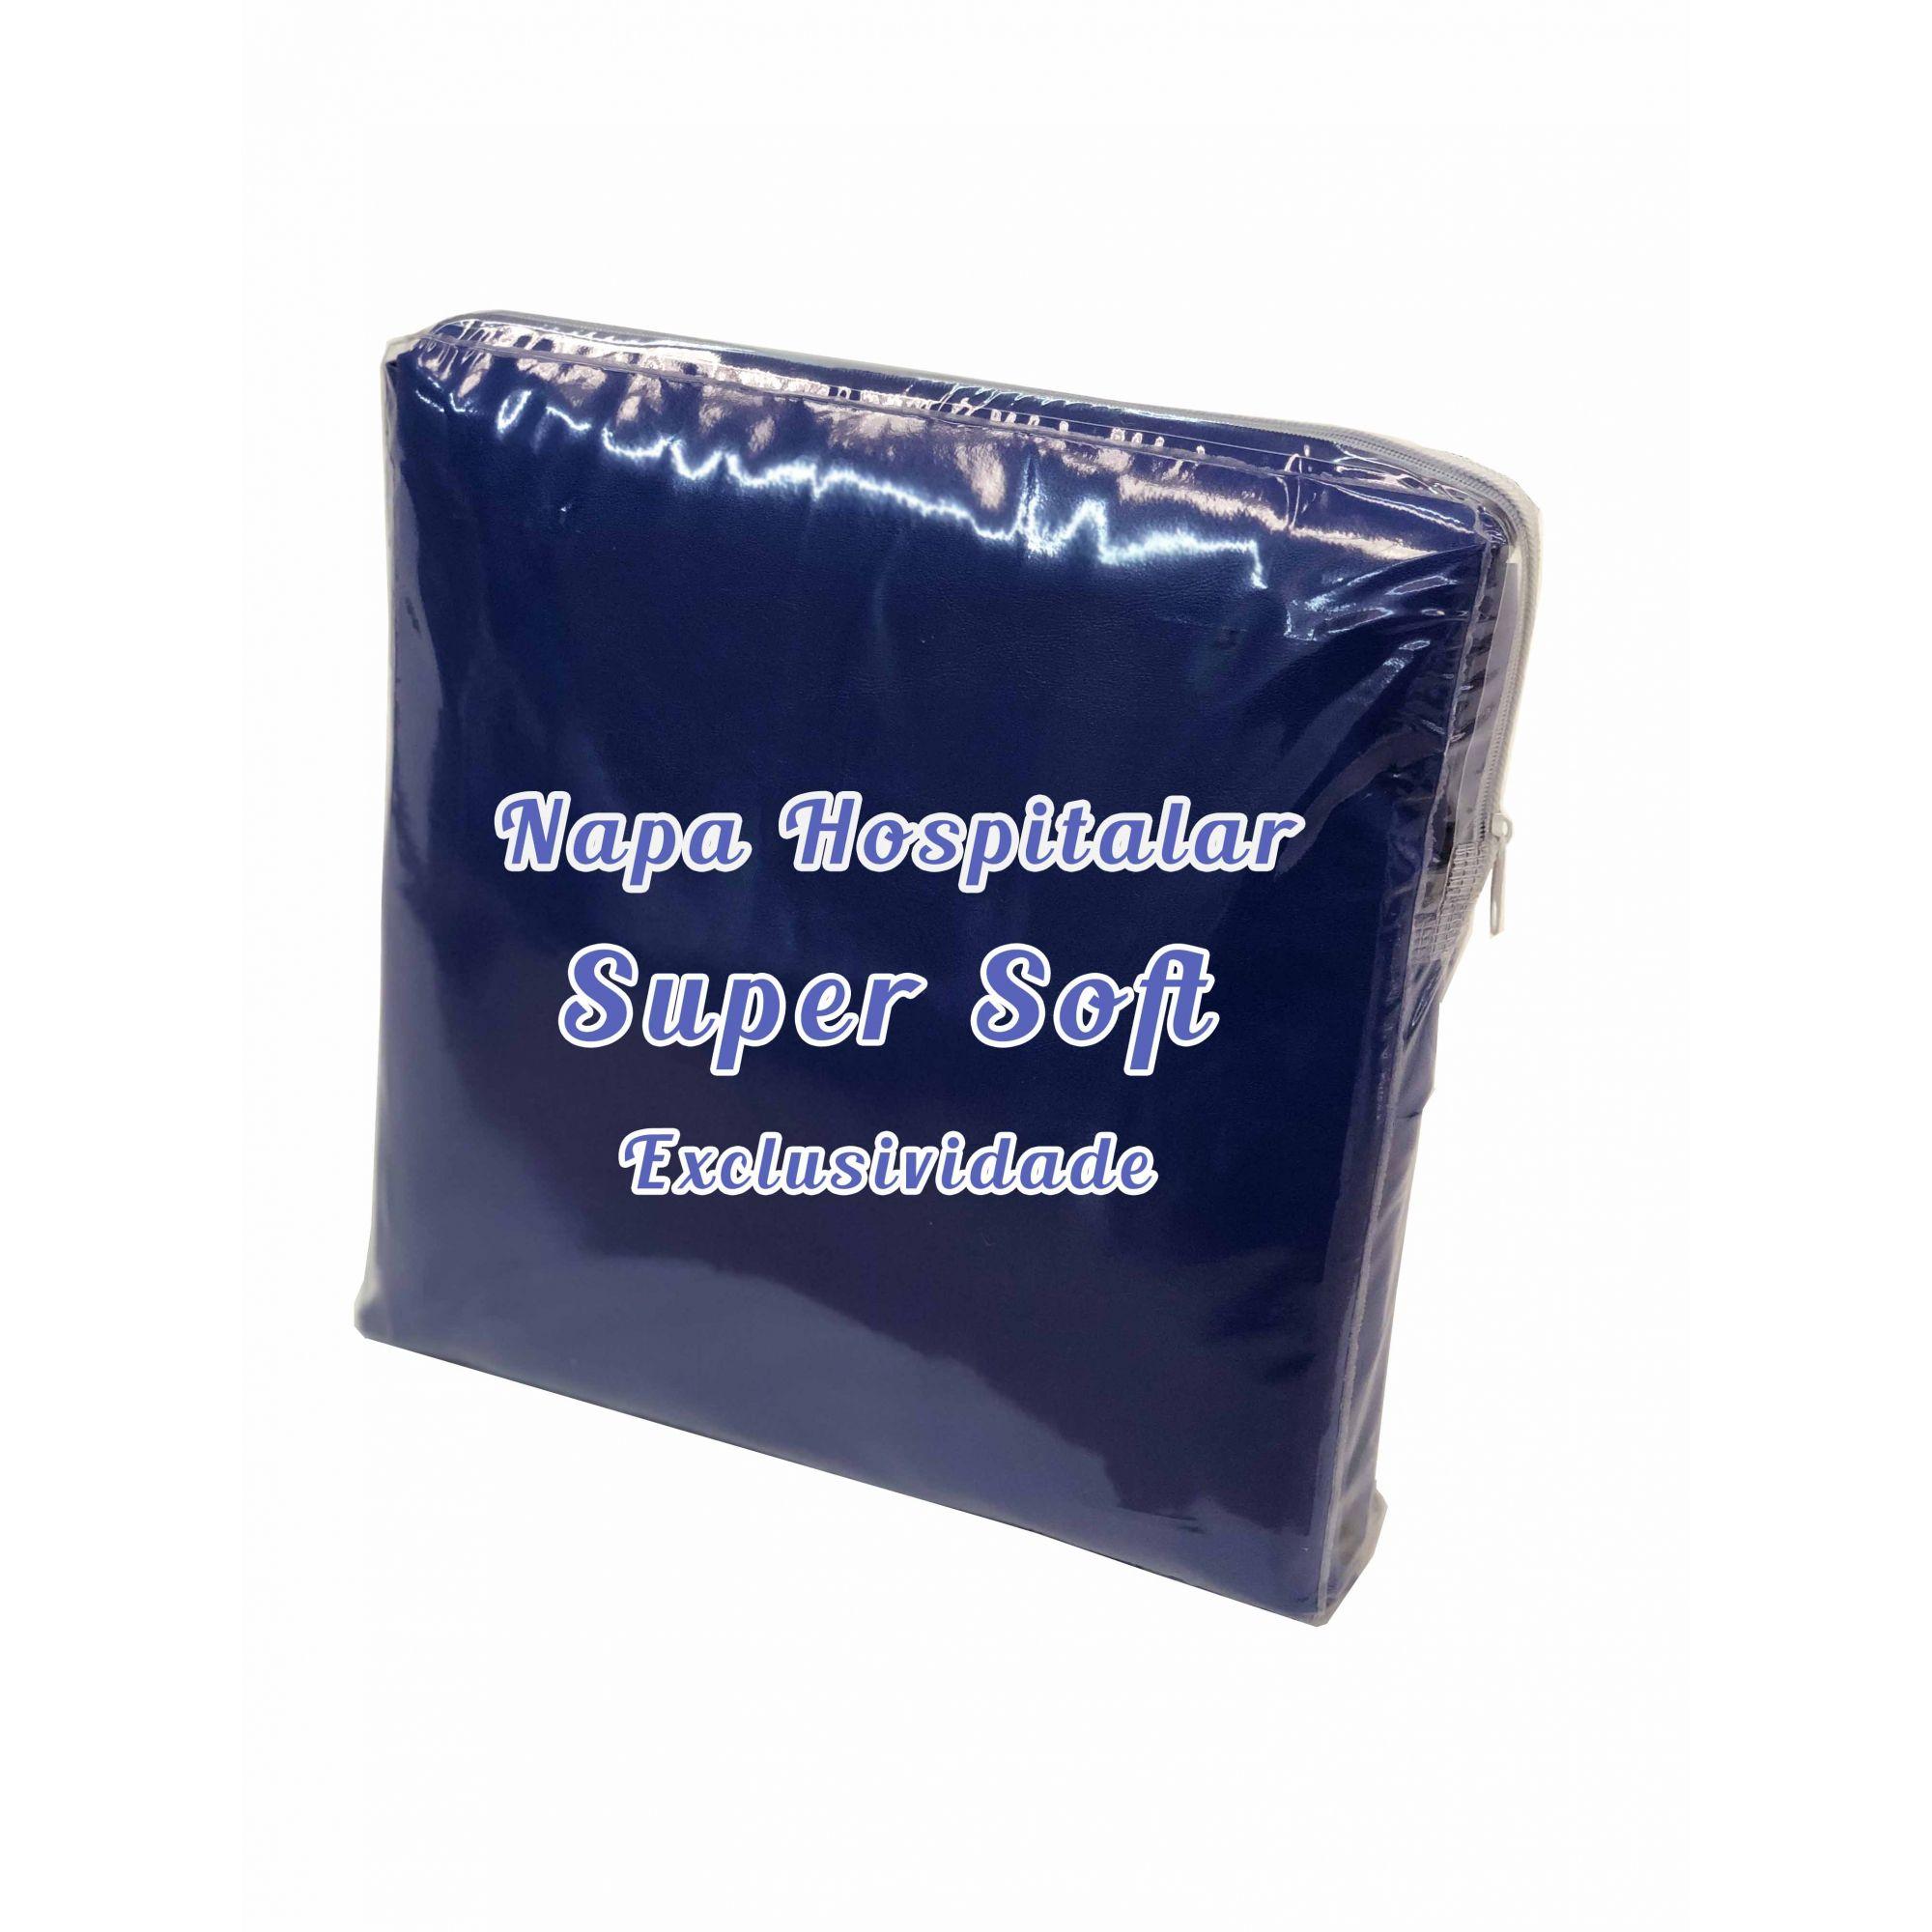 Capa Impermeável Para Colchão King Napa Hospitalar Super Soft - Fechamento c/zíper